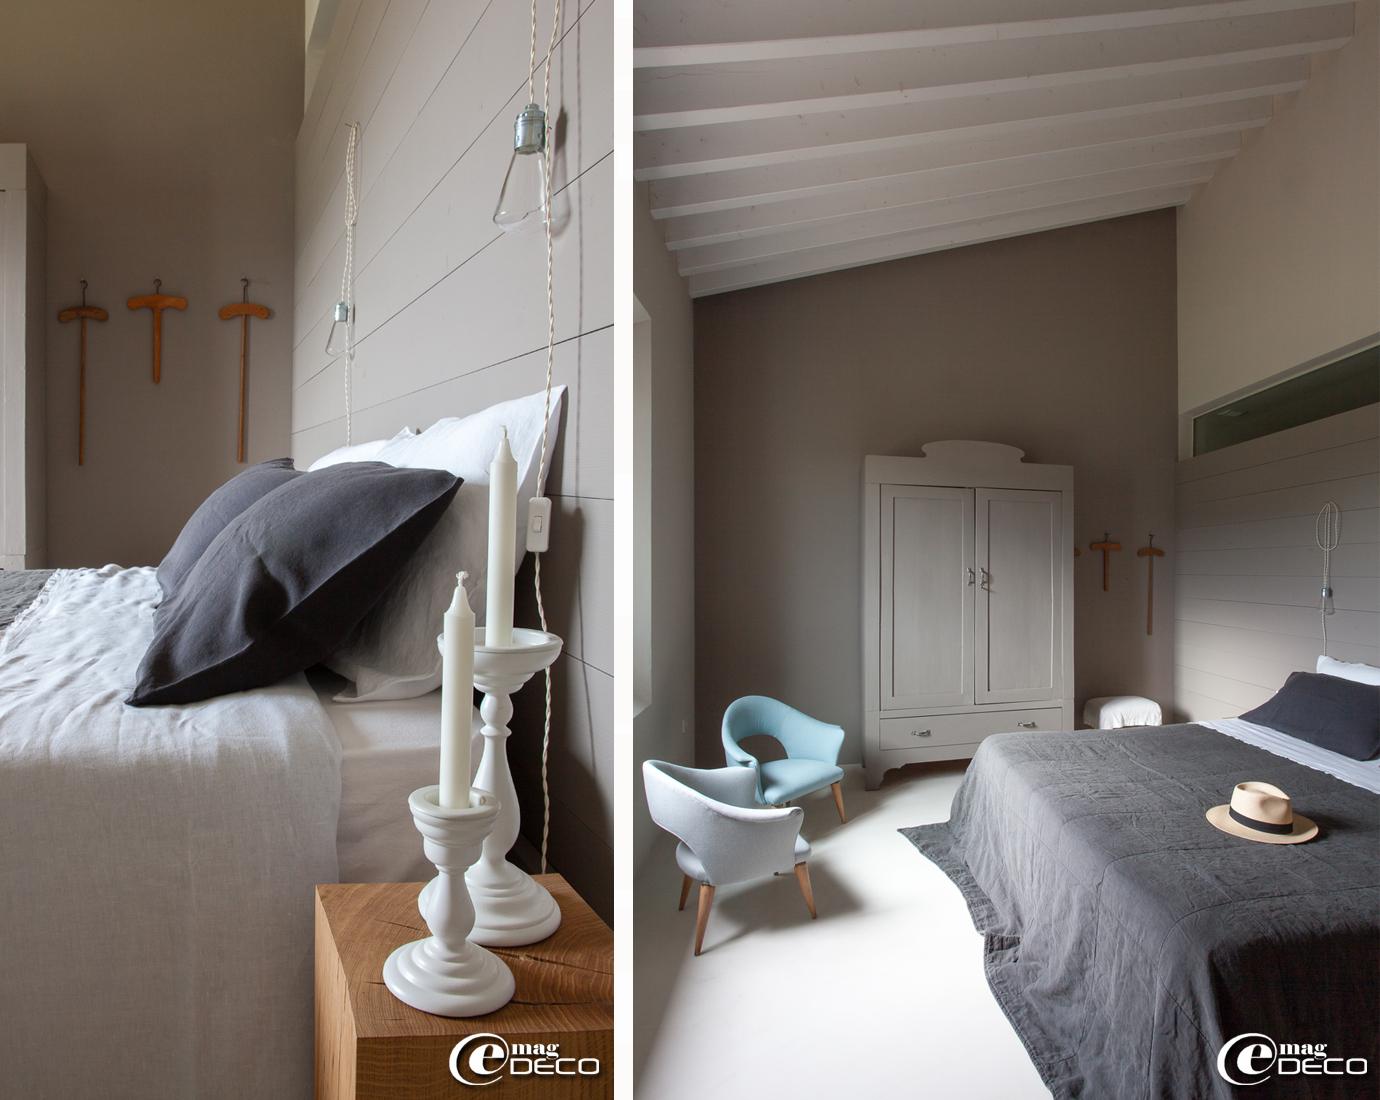 Cube en chêne 'Merlin' servant de tables de nuit chez 'AM.PM.', lampes 'Phy' design Philippe Daney pour 'SCE Edition' en vente chez 'AM.PM.'